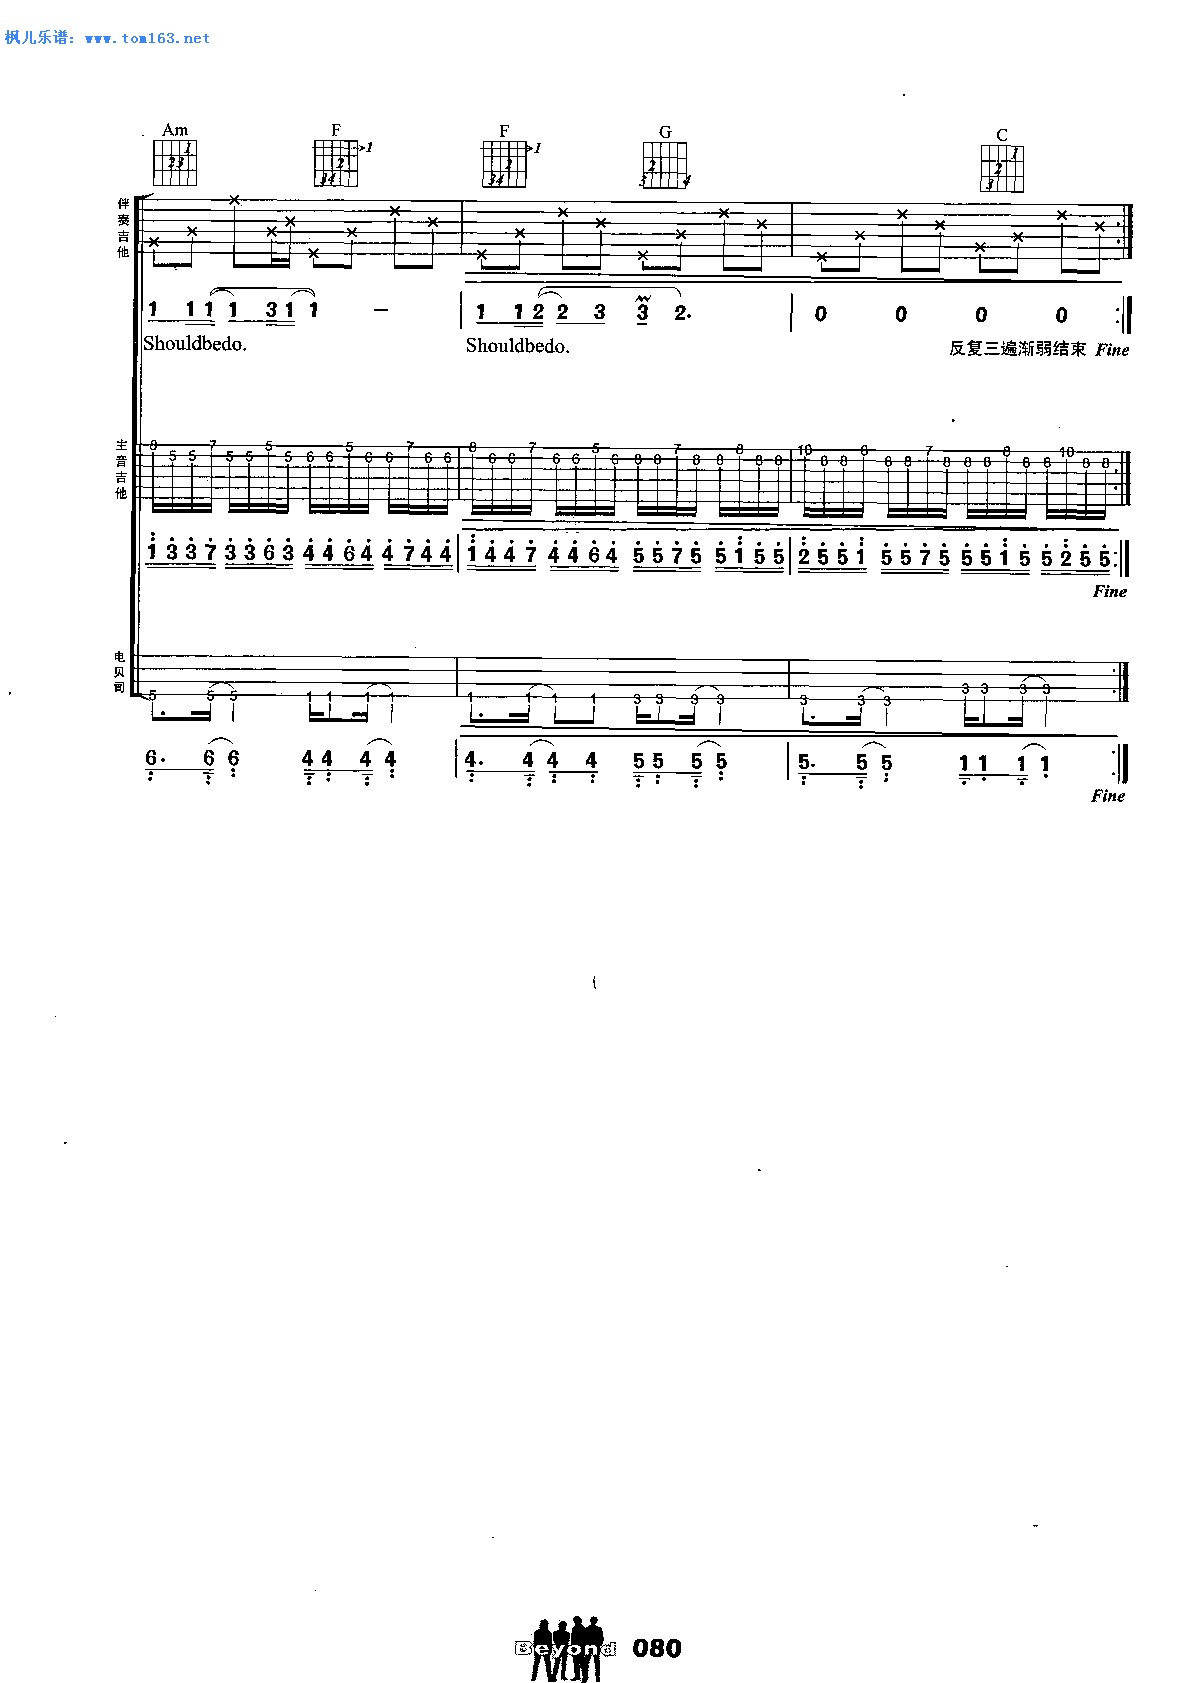 枫儿乐谱 乐谱库 乐器演奏乐谱 吉他谱 >> 正文:喜欢你          点击